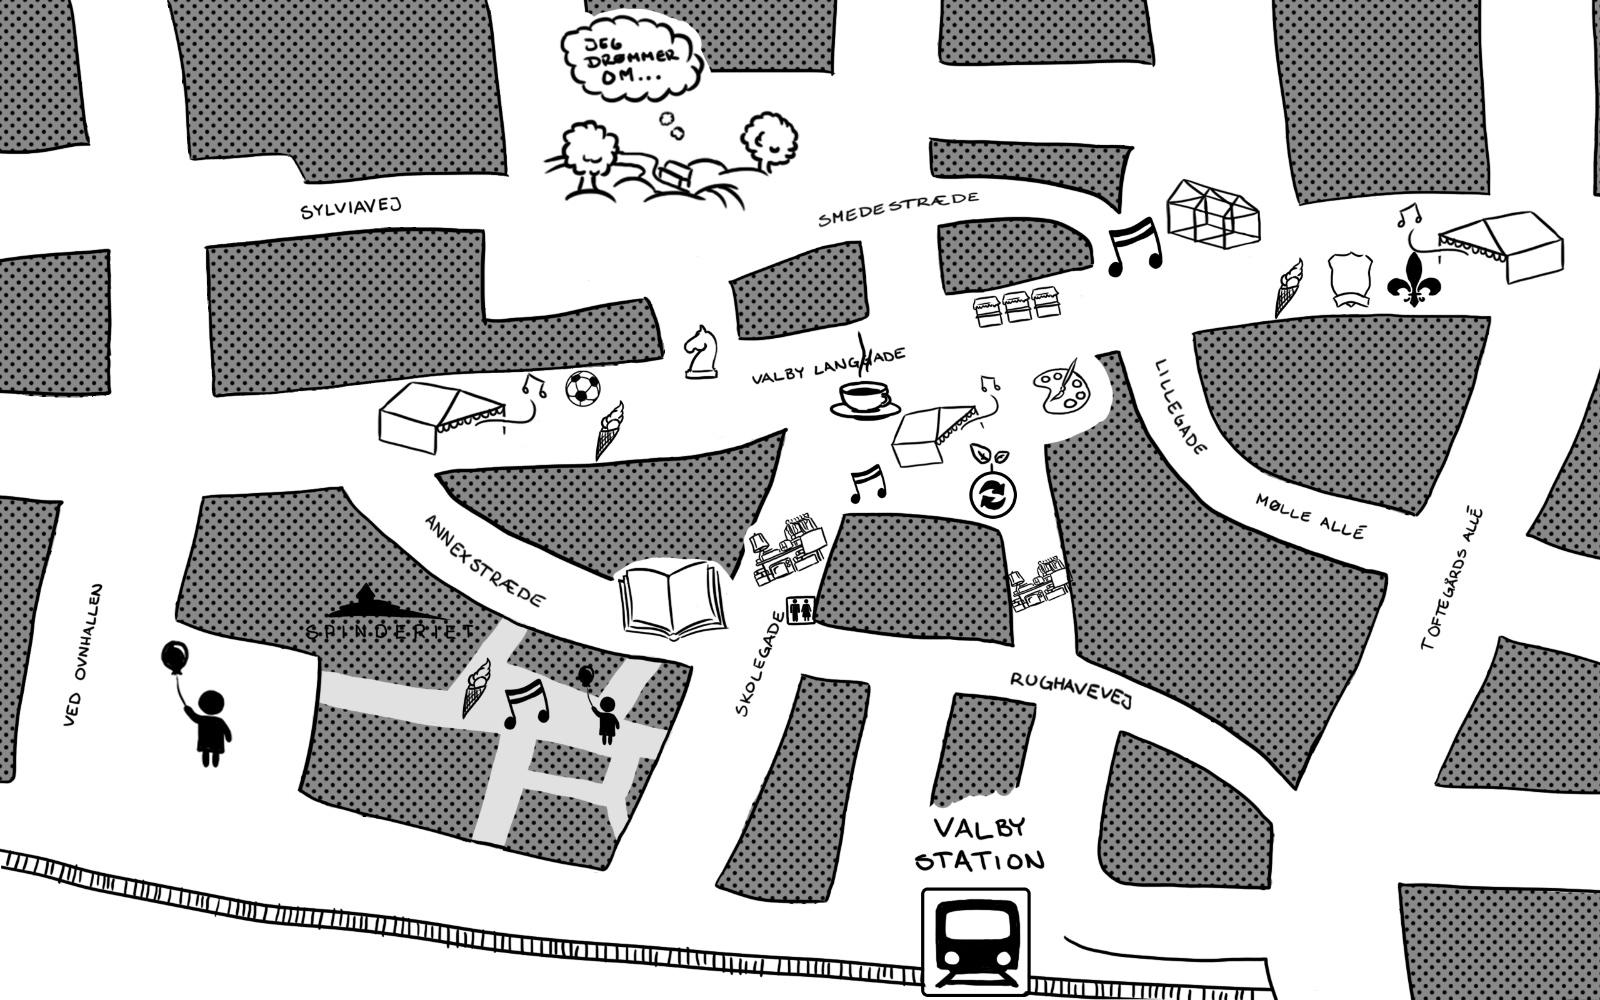 Kort over Valby Kulturdage område til Valbybladet